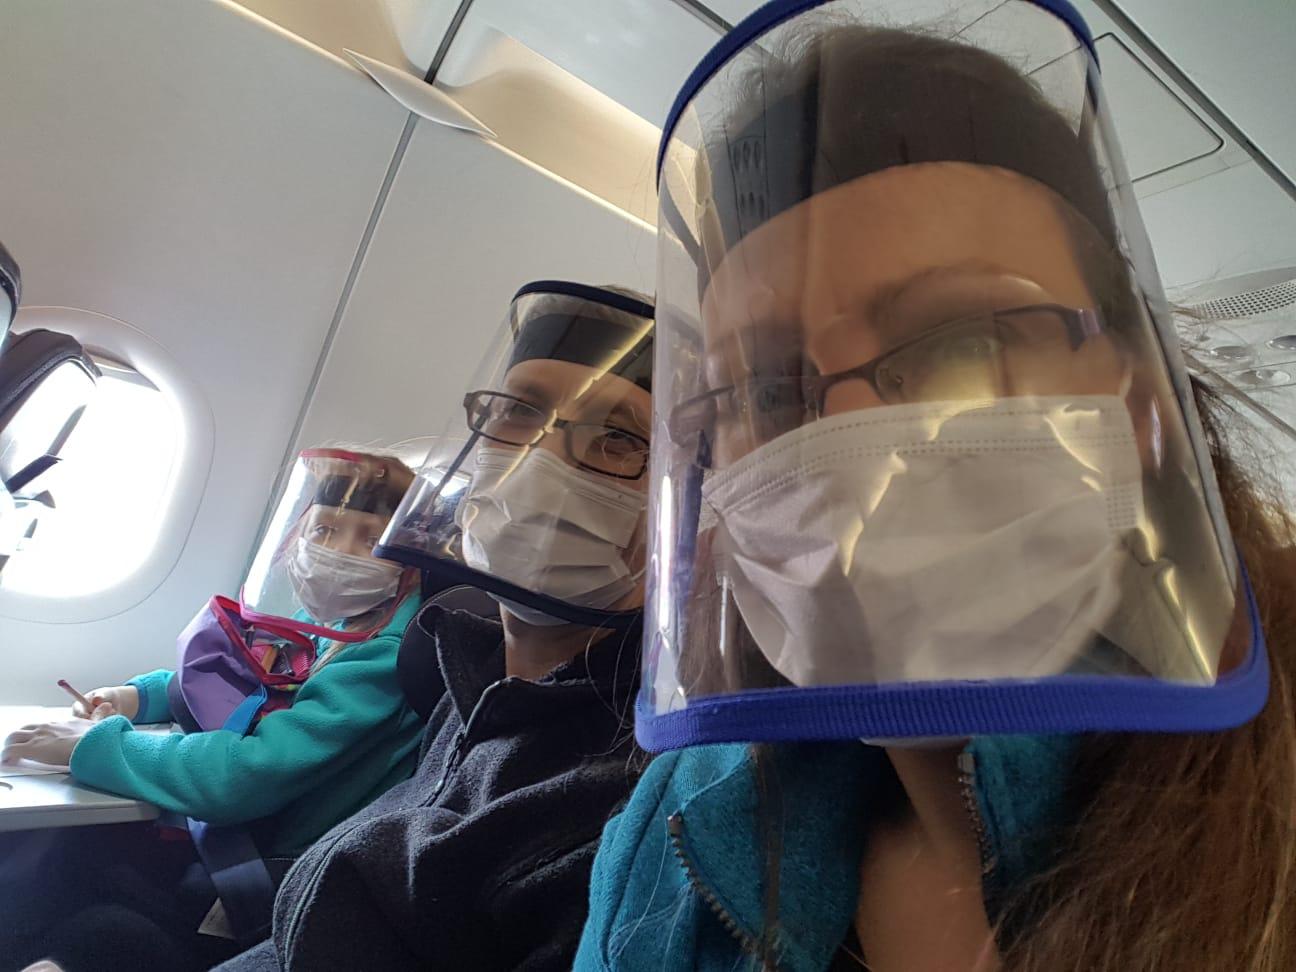 Rückblick Februar: Wir sind immer noch dankbar, dass wir wieder gut in Peru angekommen sind. Die Restriktionen der Einreise waren erheblich. Wir glauben, dass unsere Möglichkeit hier zu helfen, die Anstrengungen Wert waren.